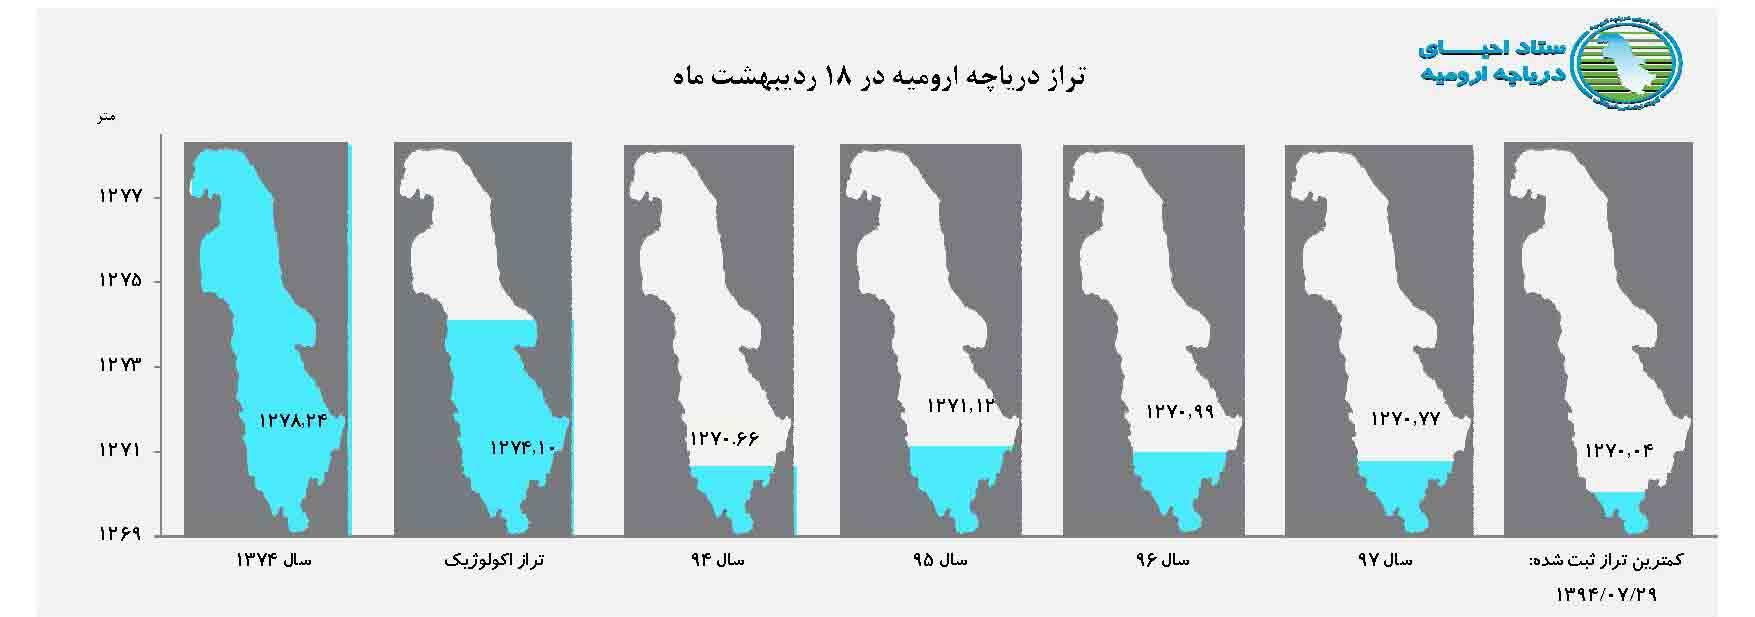 موضوع حسابداری : بررسی نقش «حسابداری آب» در احیای دریاچه ارومیه